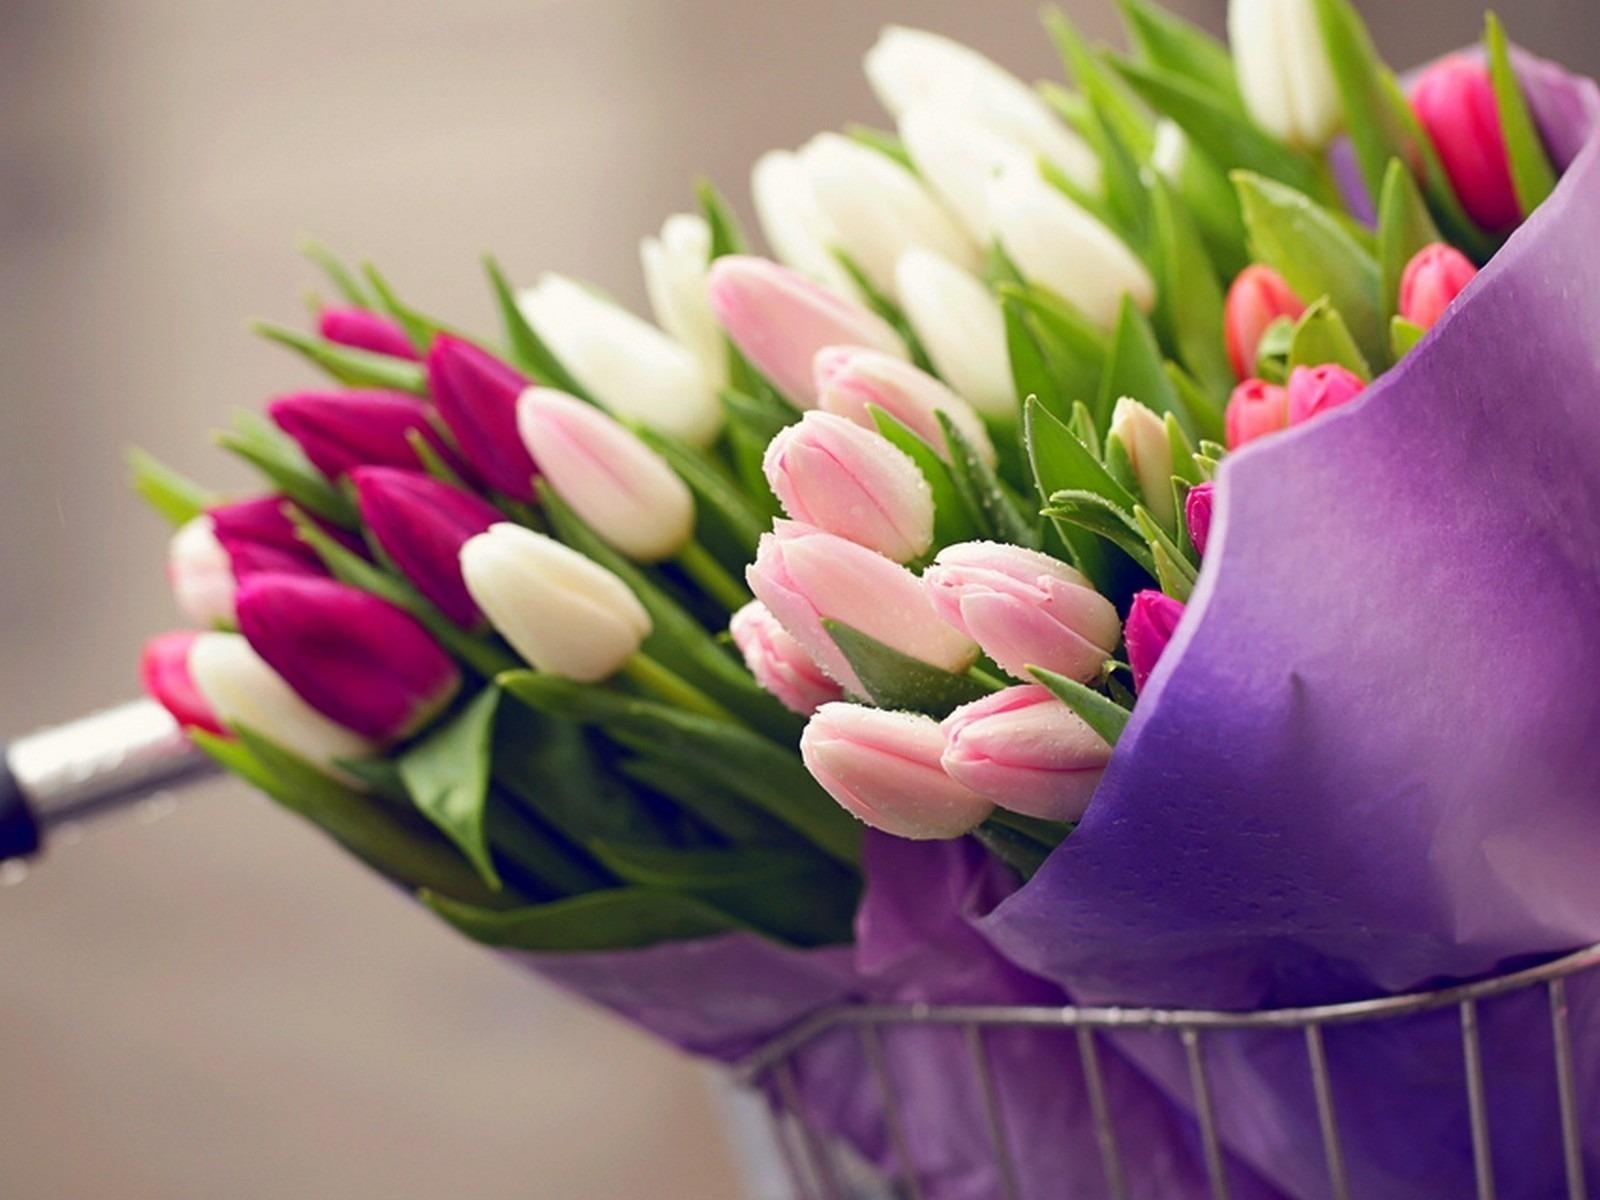 hinh nen hoa tulip 18